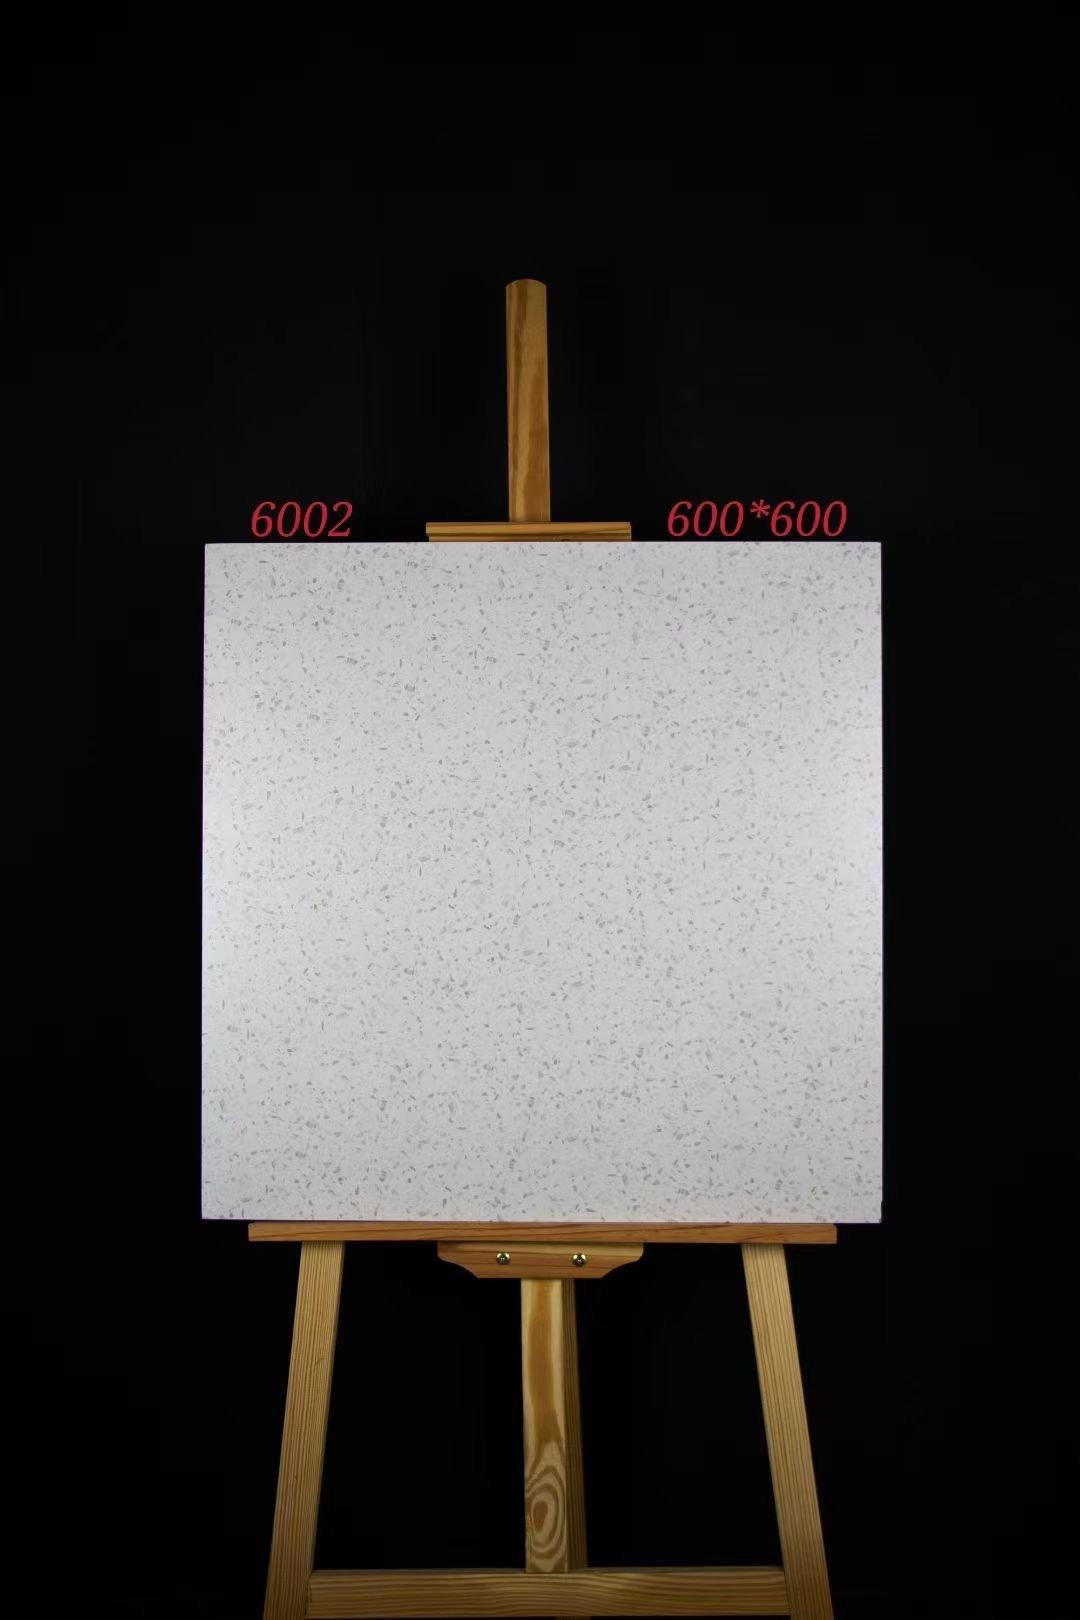 Gạch lát nền Terrazzo nhập khẩu 600*600mm 6002